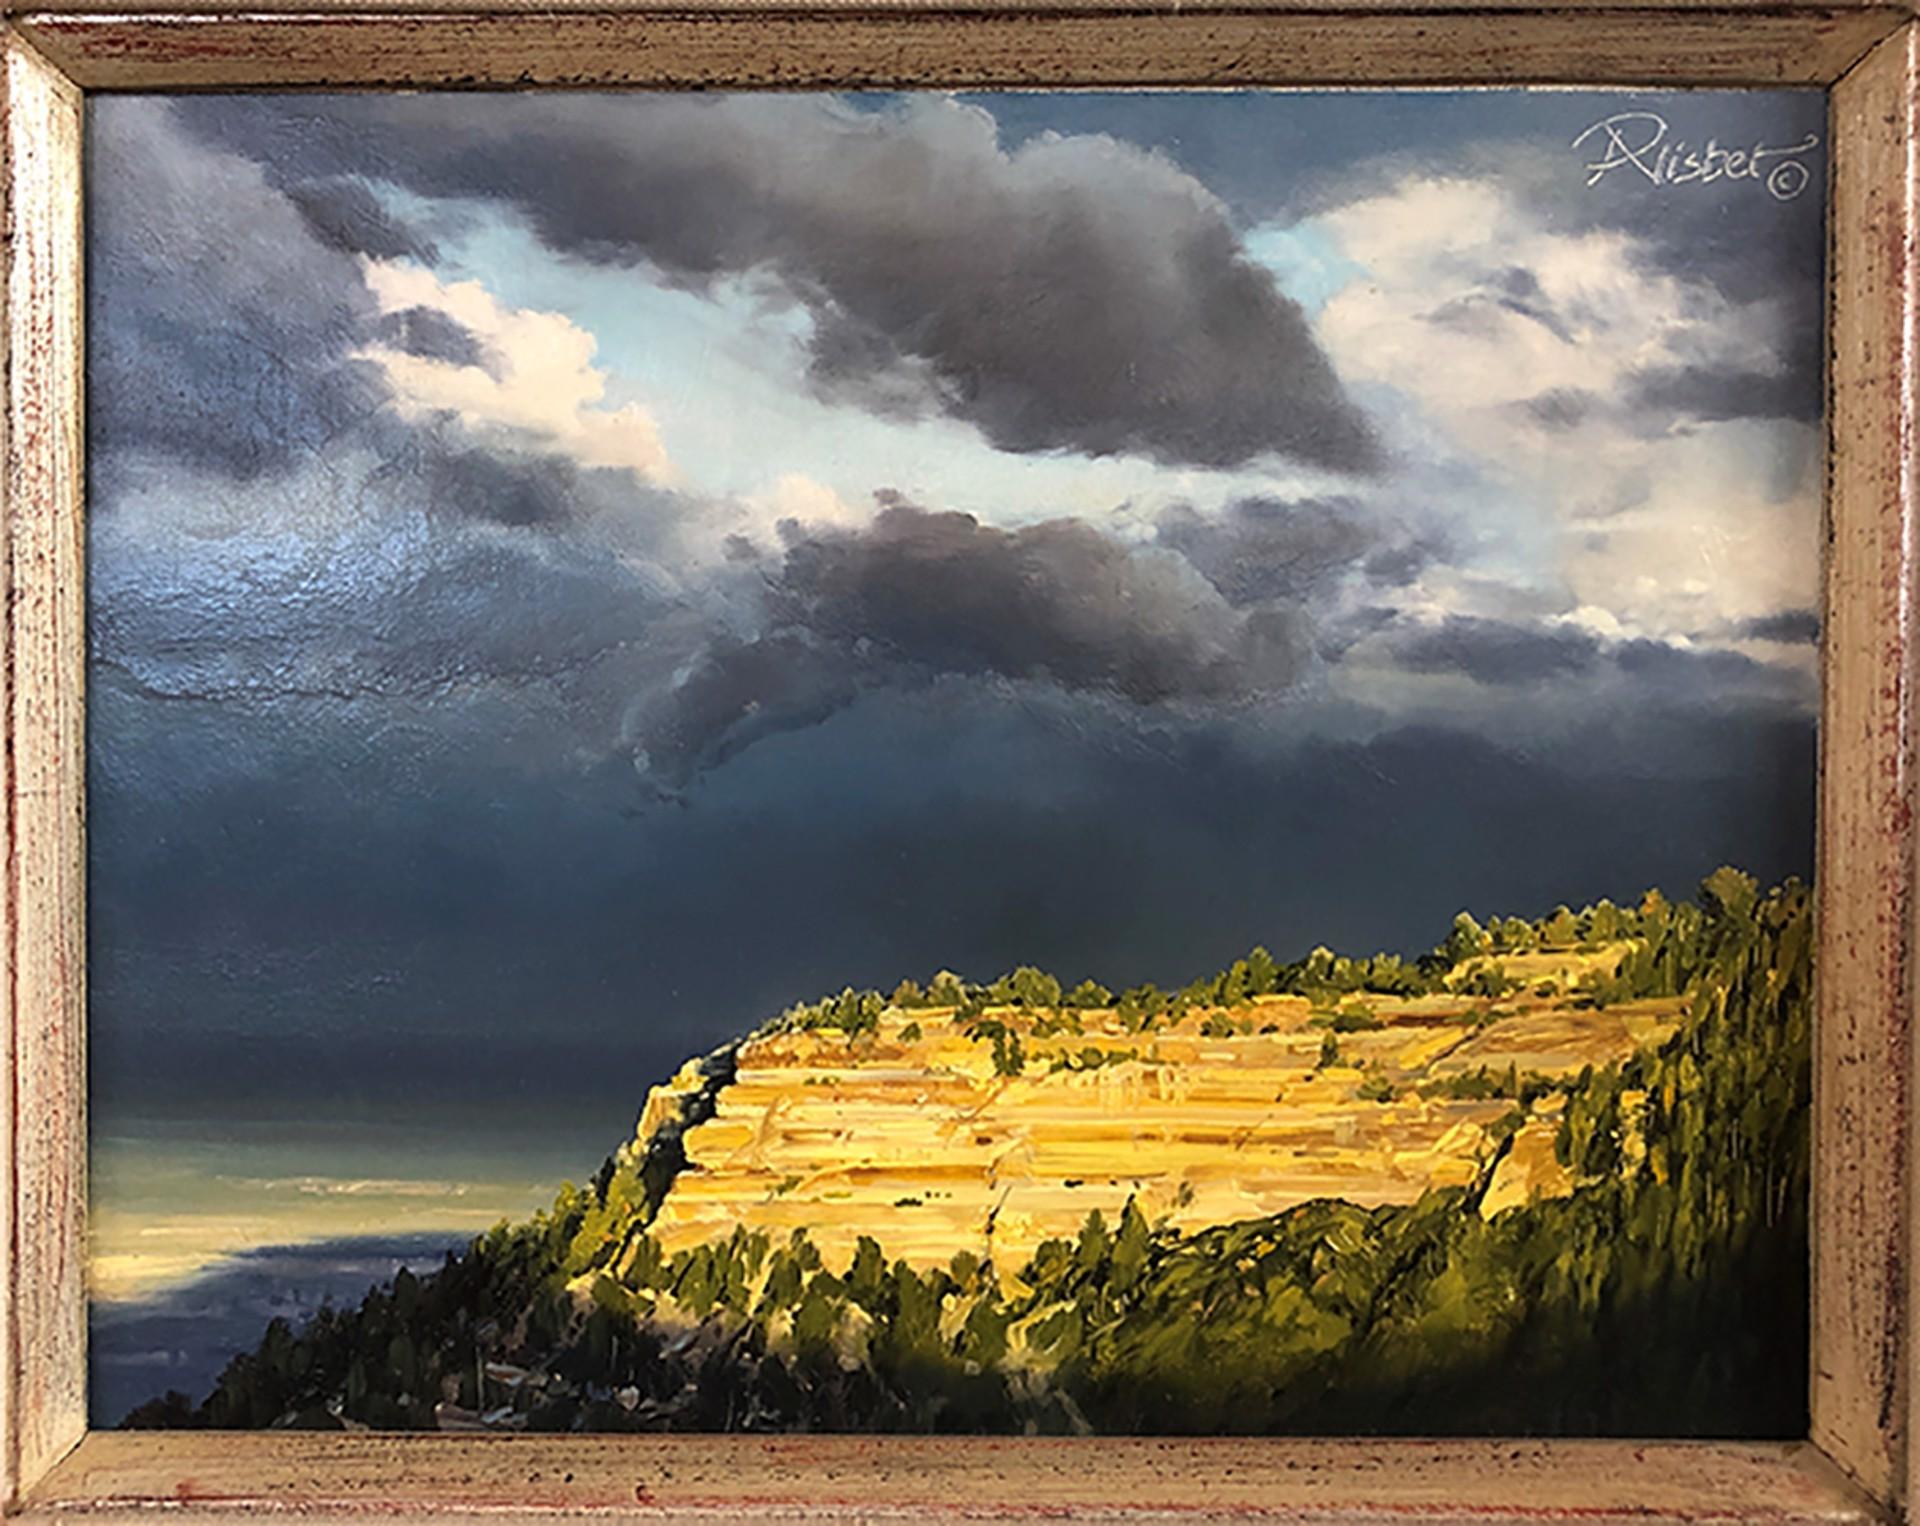 Hot Cliffs by P.A. Nesbit